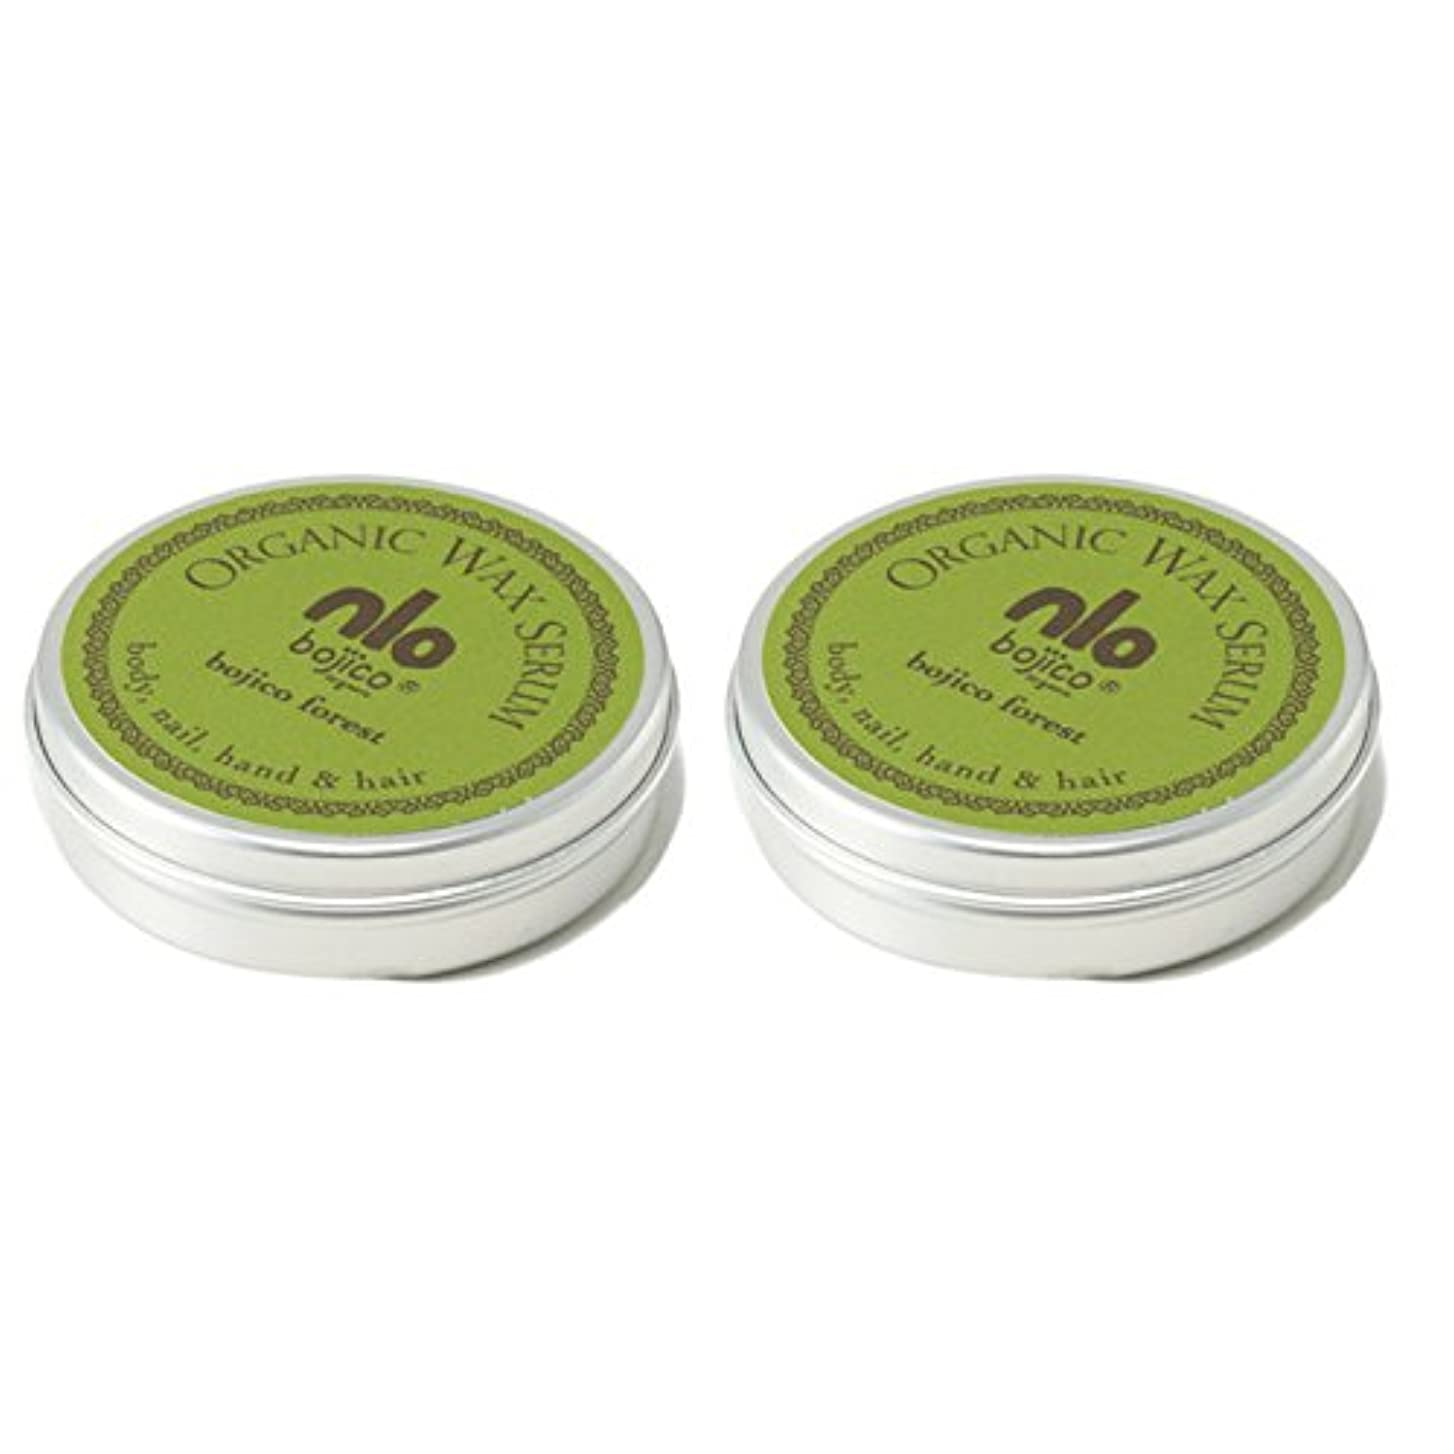 誘うページ昨日【40g×2個セット】 ボジコ オーガニック ワックス セラム <フォレスト> bojico Organic Wax Serum 40g×2